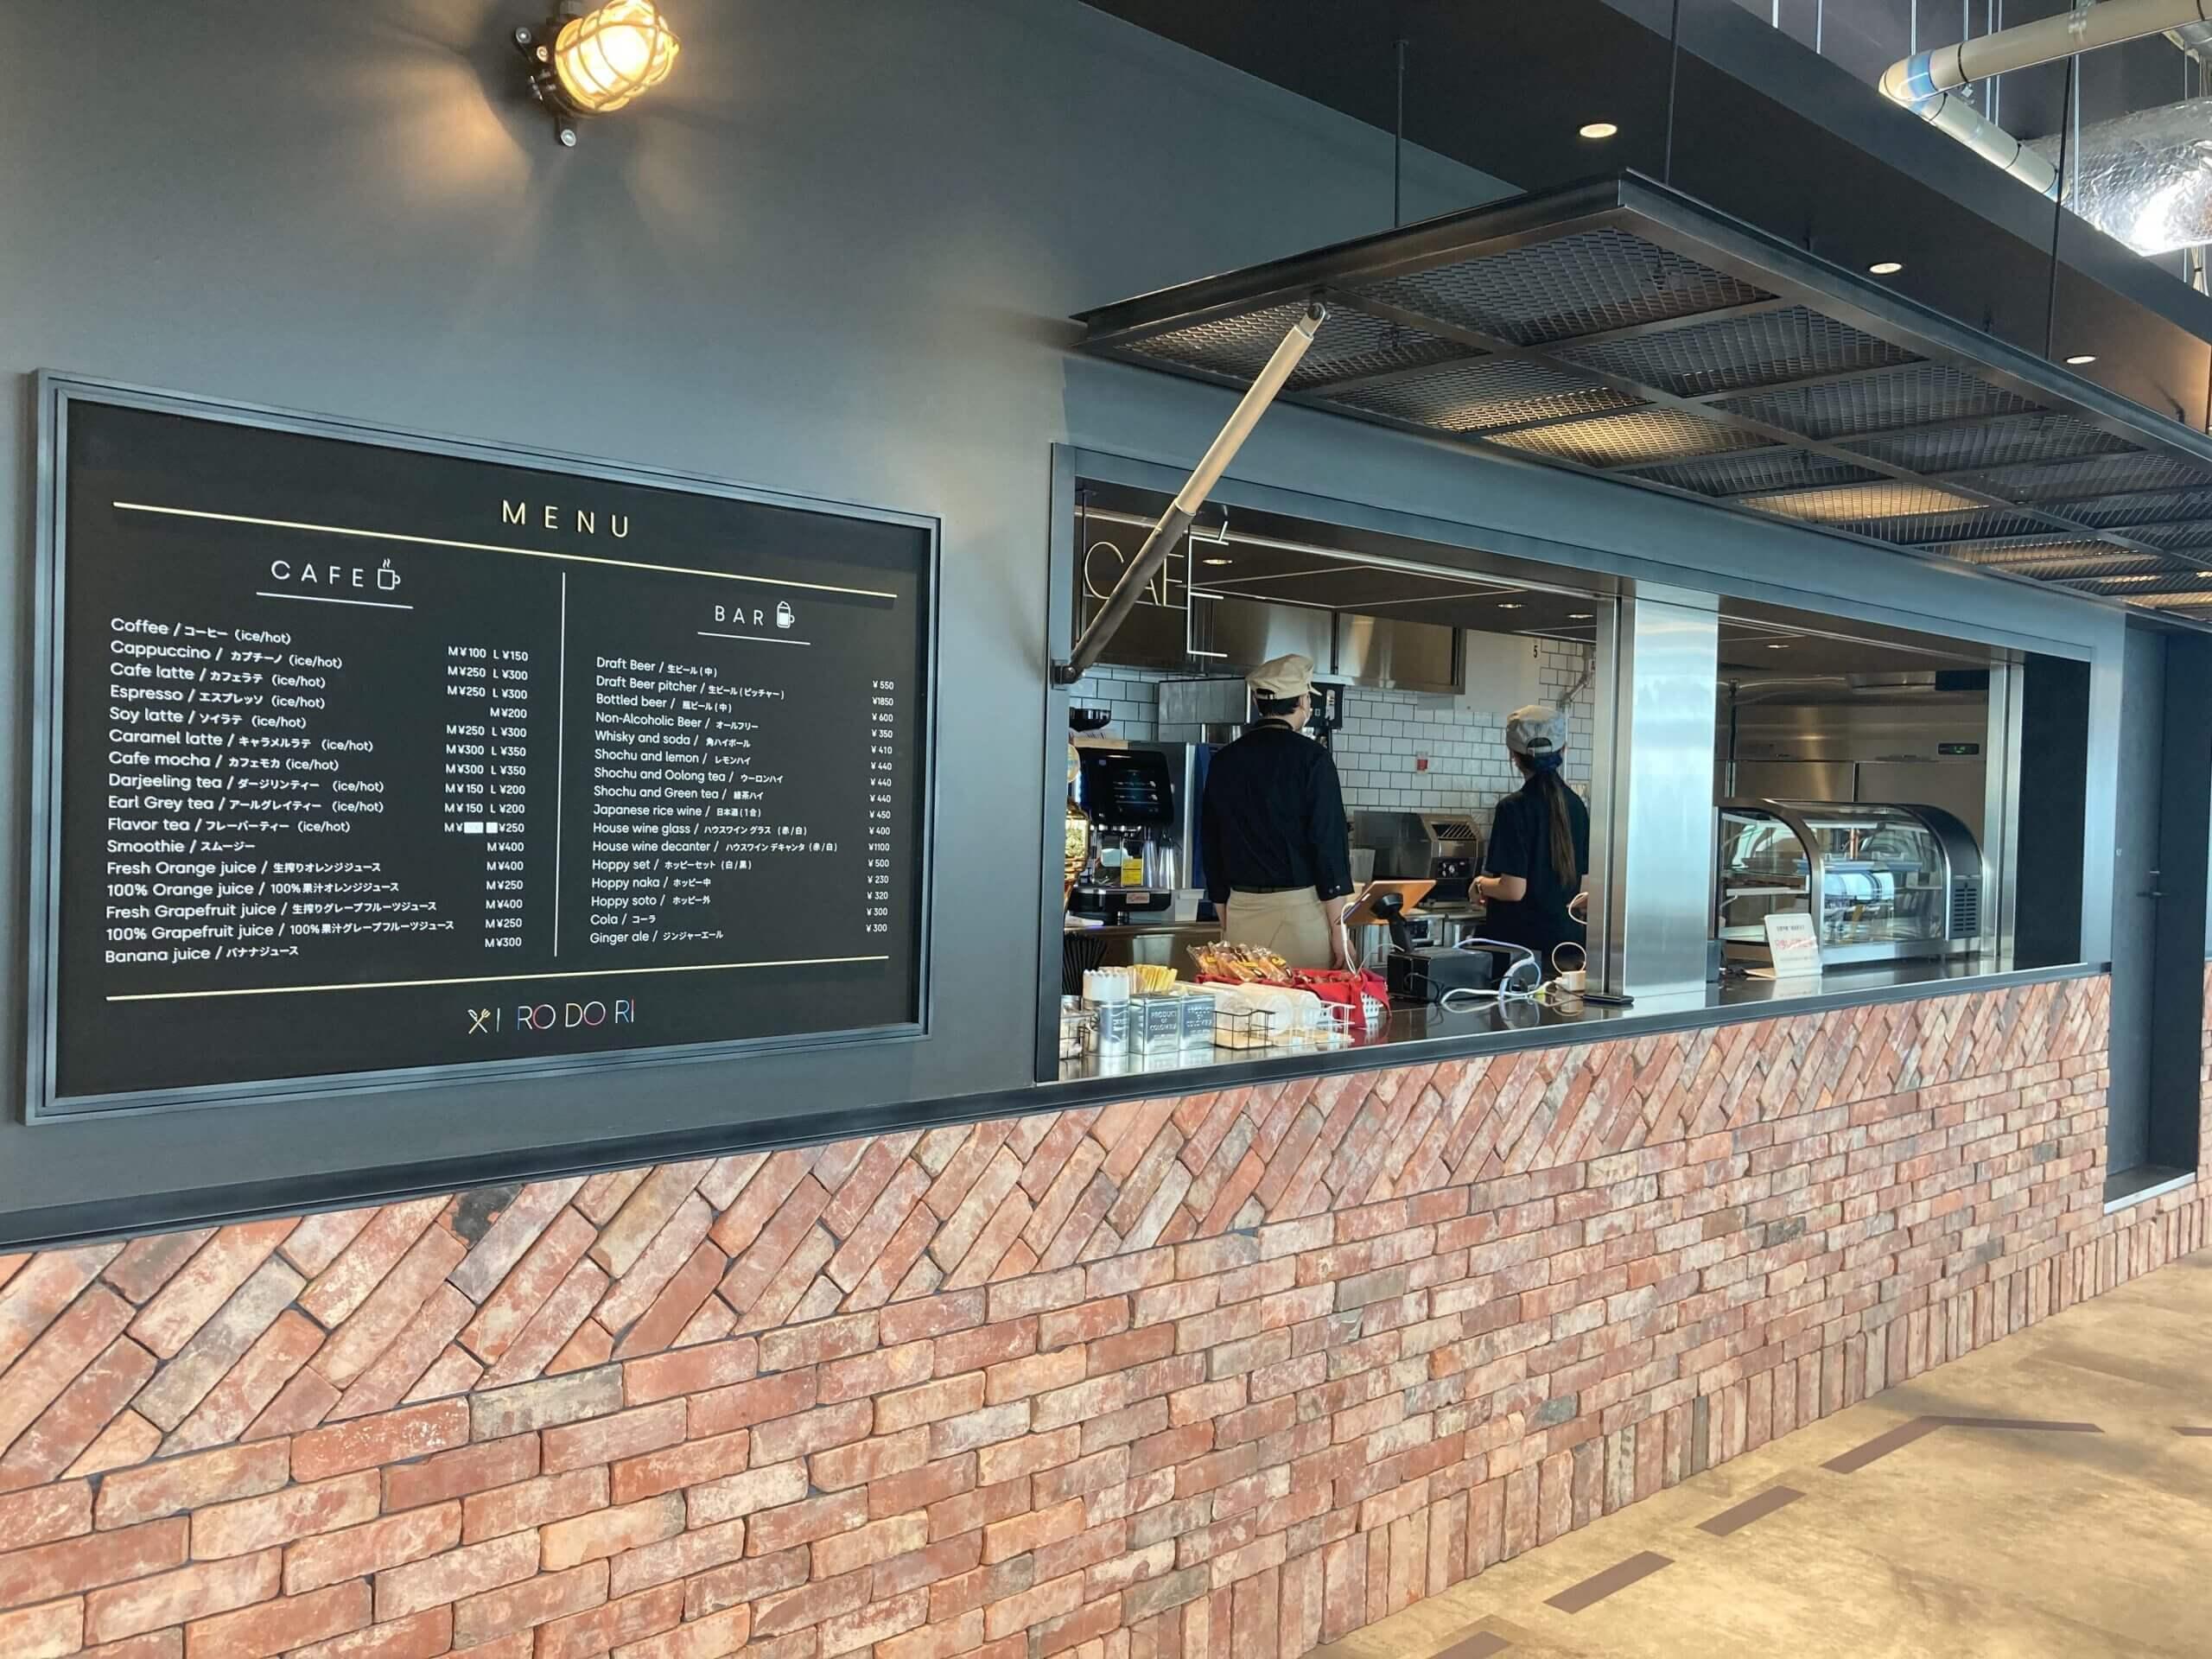 TIS豊洲オフィスのレストラン(社員食堂)「I RO DO RI」スタイリッシュなカフェをイメージしたカウンター